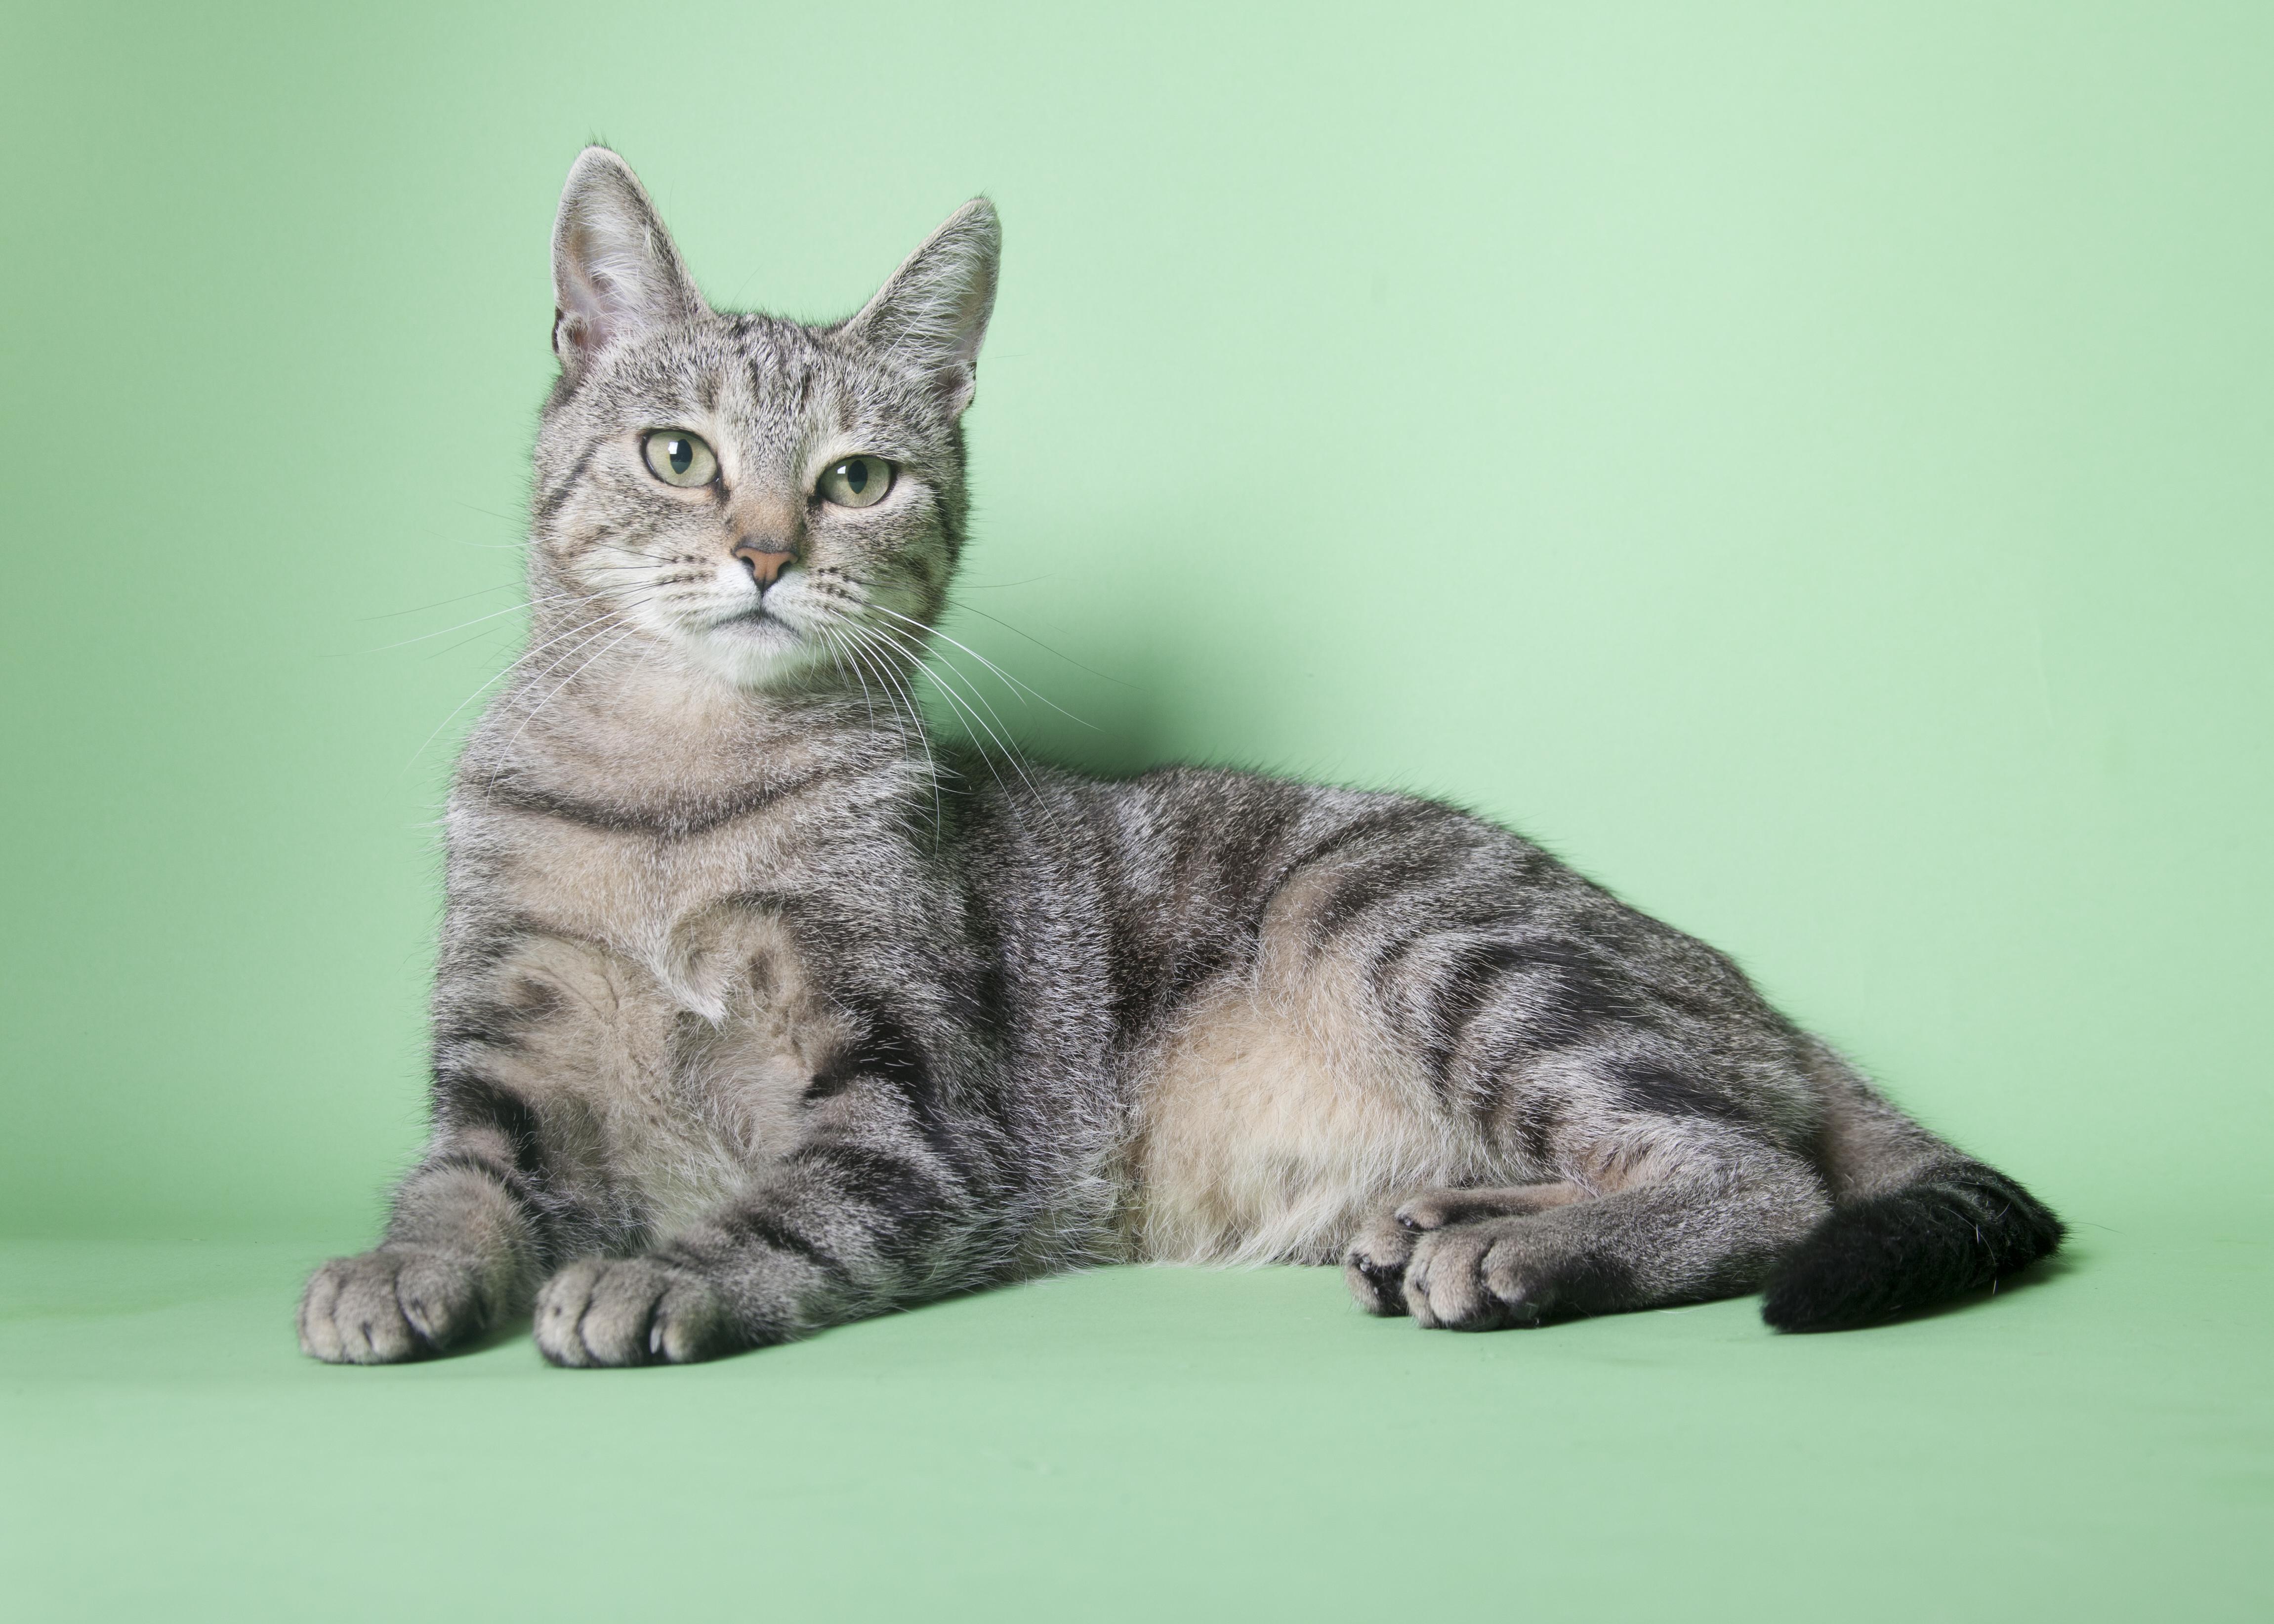 Gatto soccorso veterinario catania